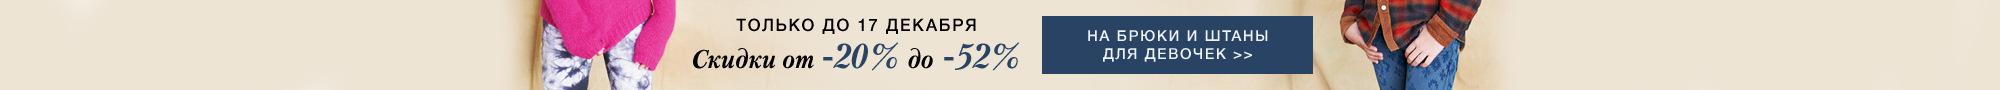 Скидки от -20% до -52% Брюки для девочек